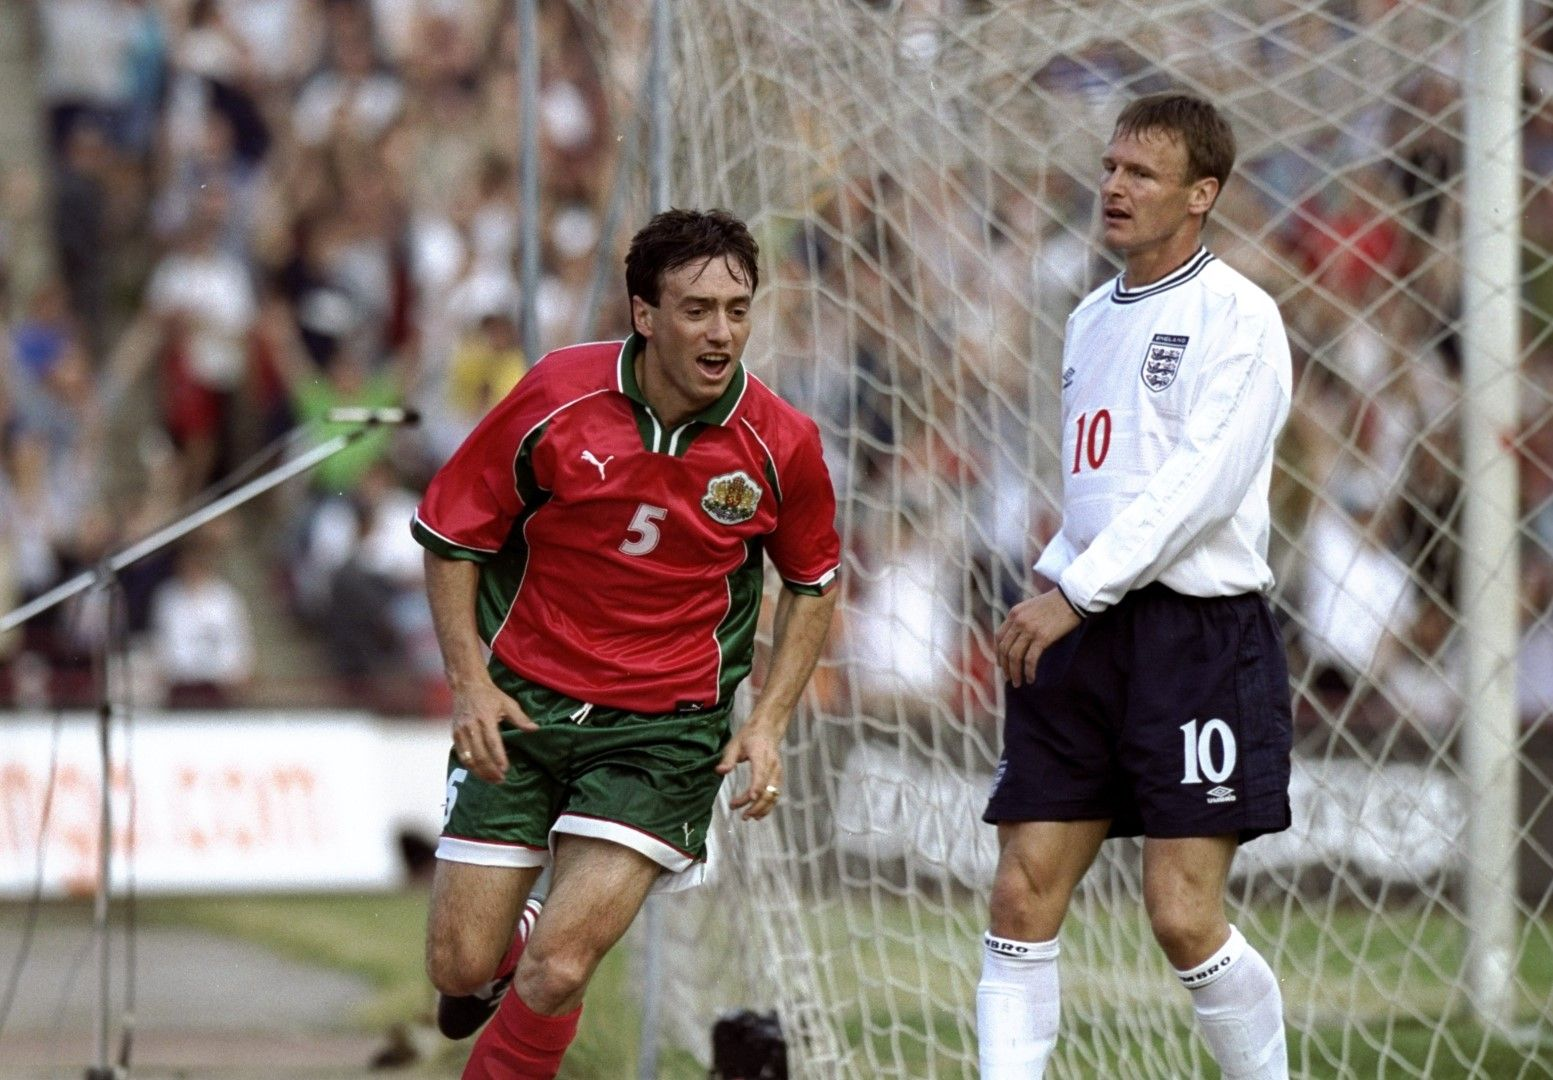 1999 г., 1:1 в София - Георги Марков бележи единствения гол, който сме вкарвали на Англия в официален мач